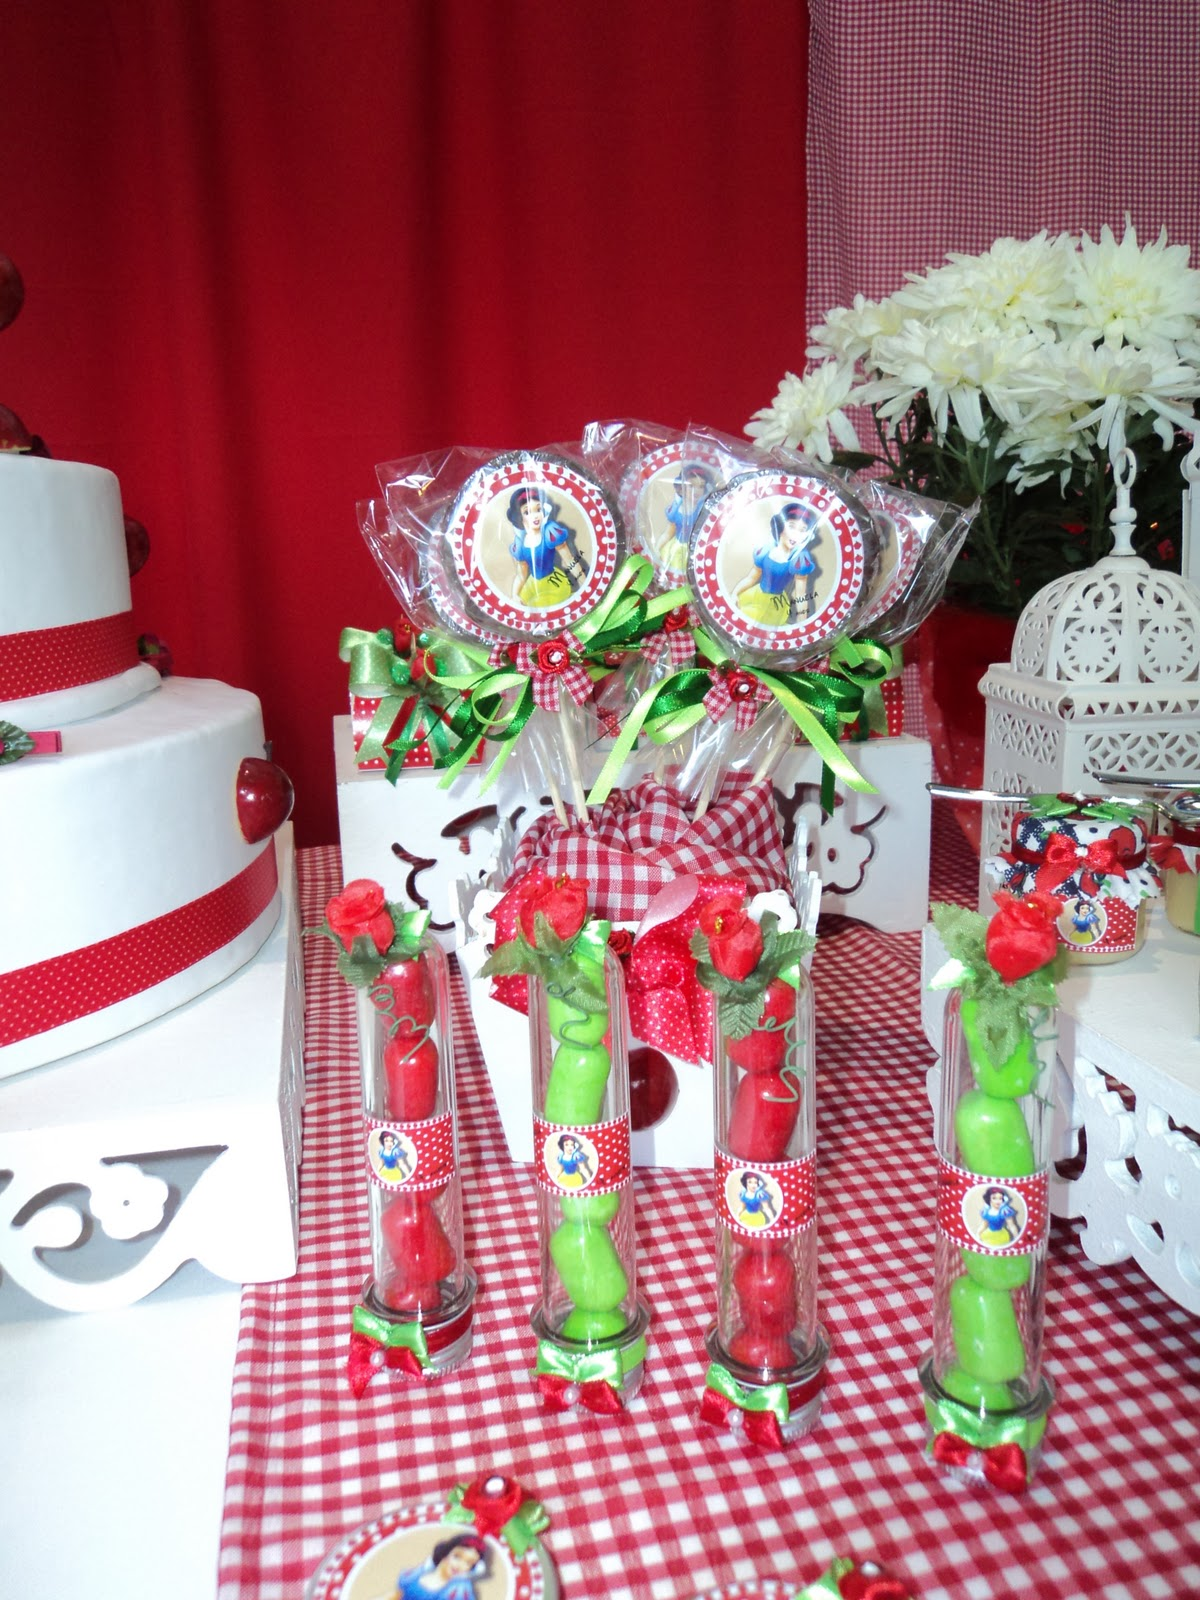 decoracao festa infantil branca de neve provencal : decoracao festa infantil branca de neve provencal:AMA EVENTOS: BRANCA DE NEVE – FESTA PROVENÇAL PERSONALIZADA!!!!